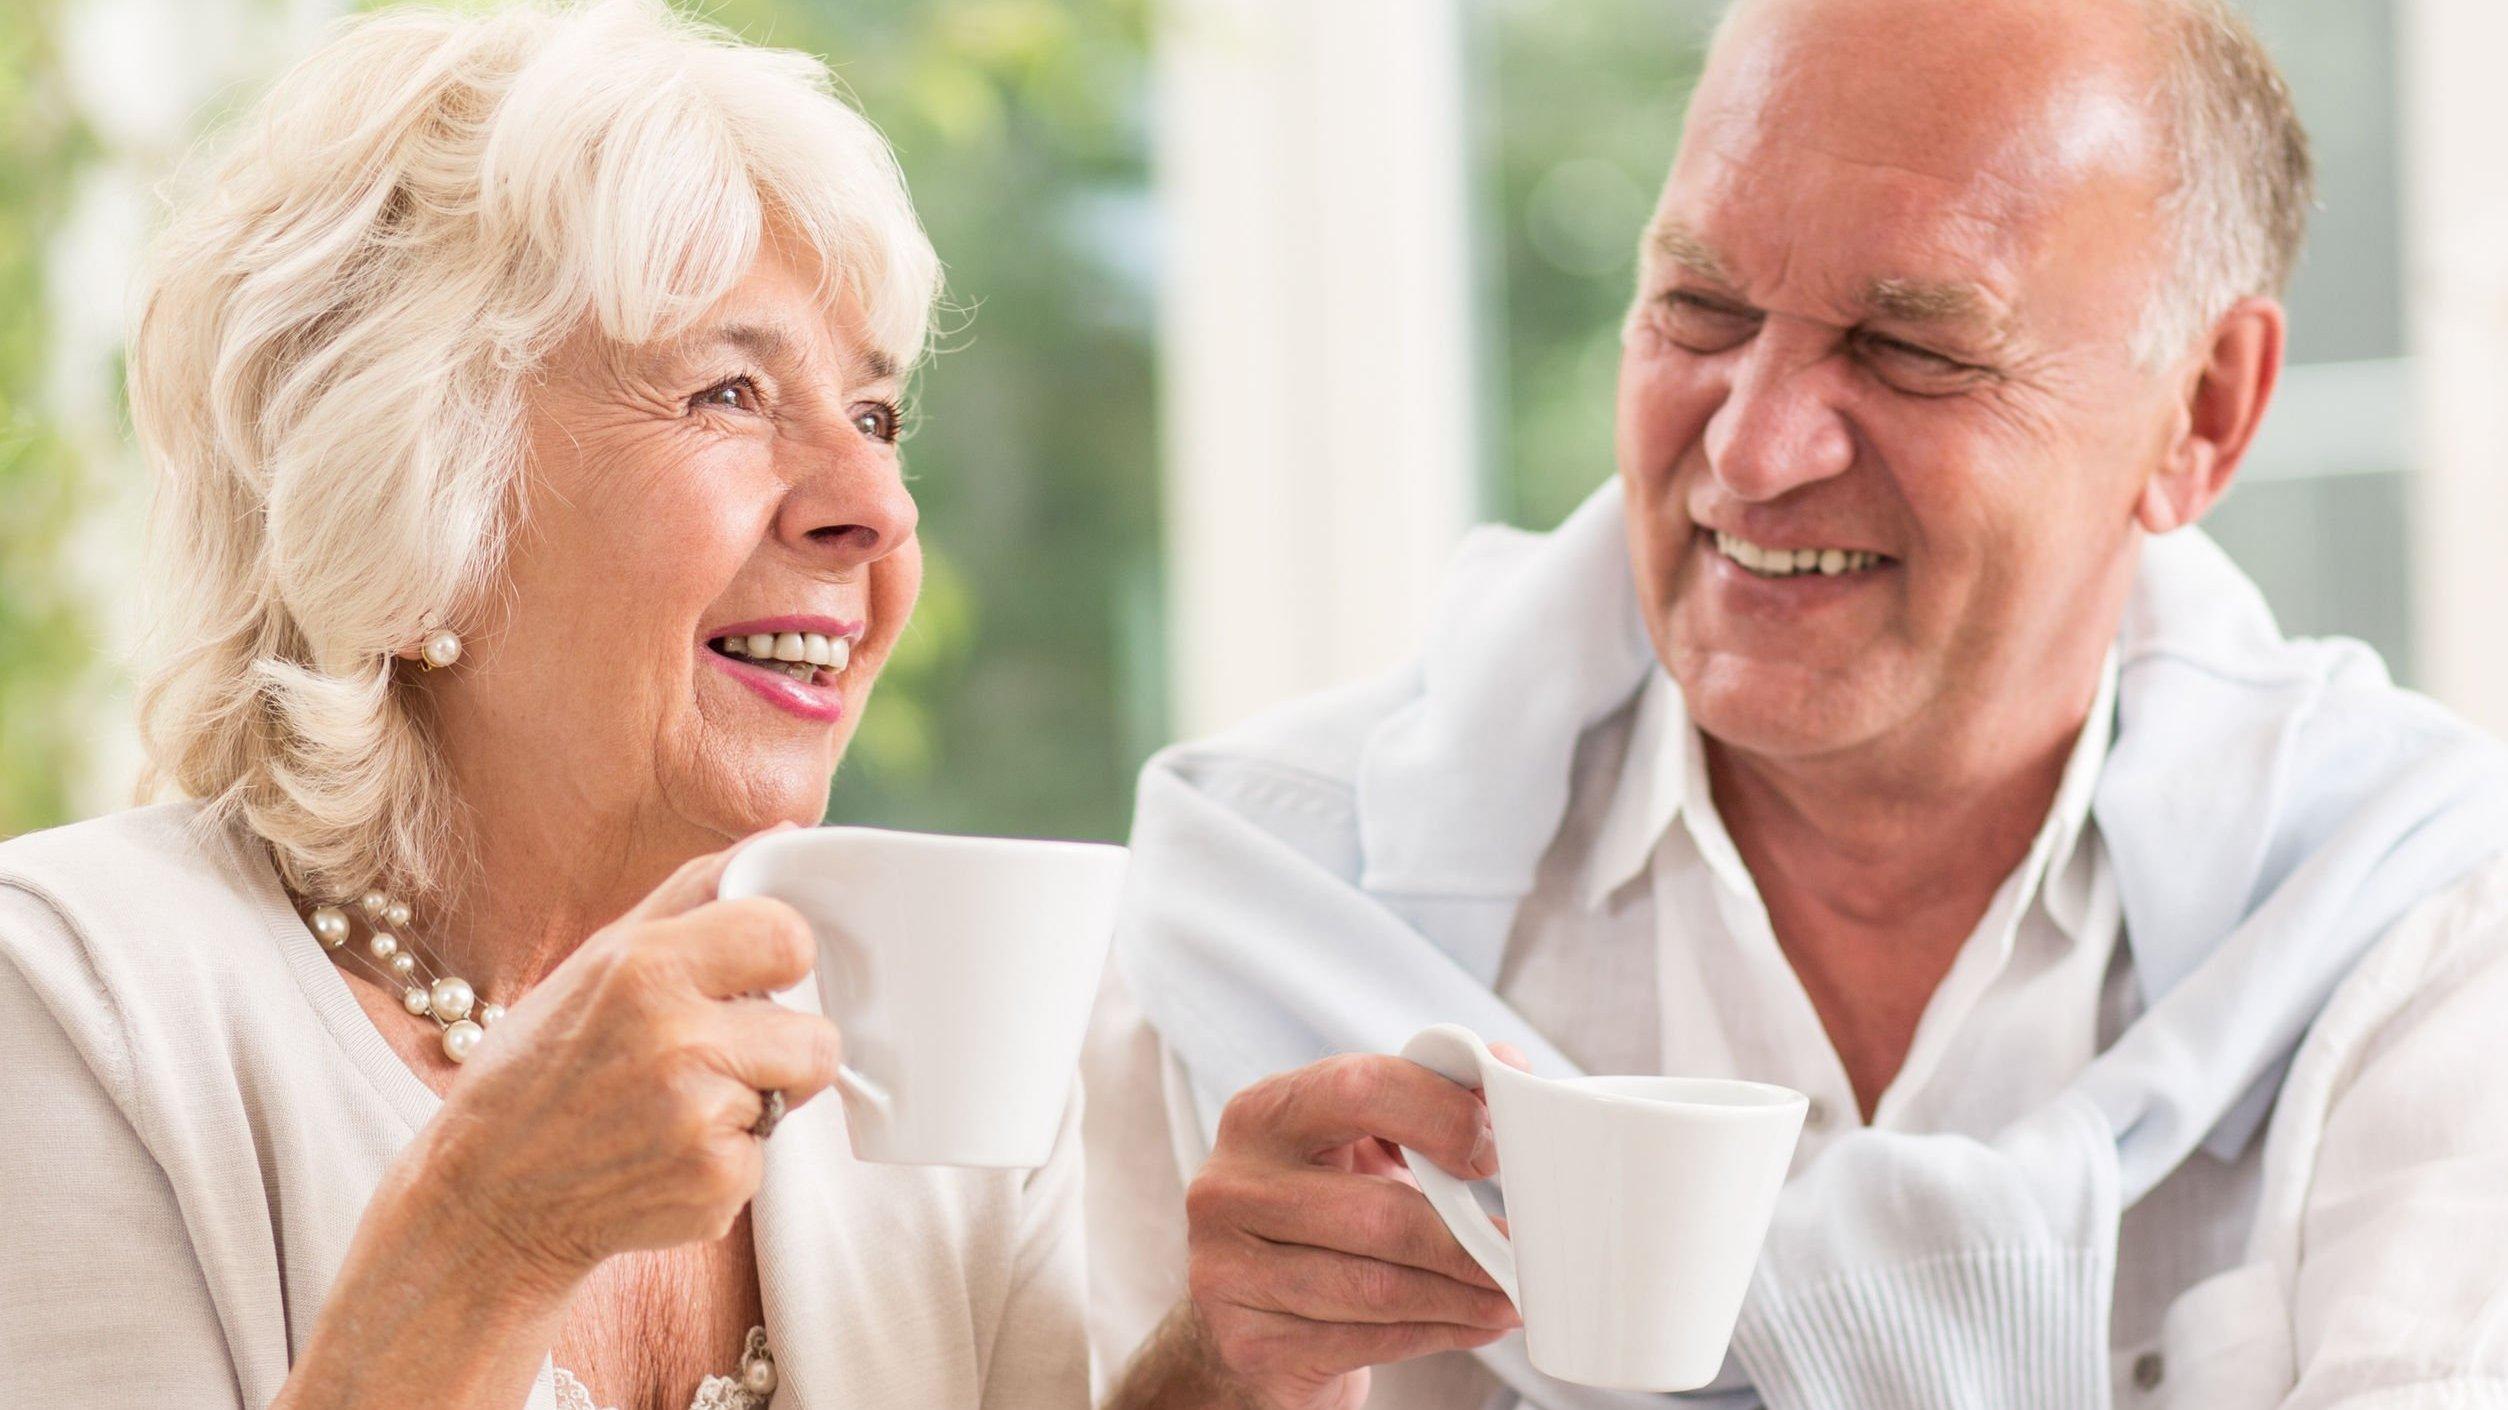 Senhora e senhor sorrindo e conversando